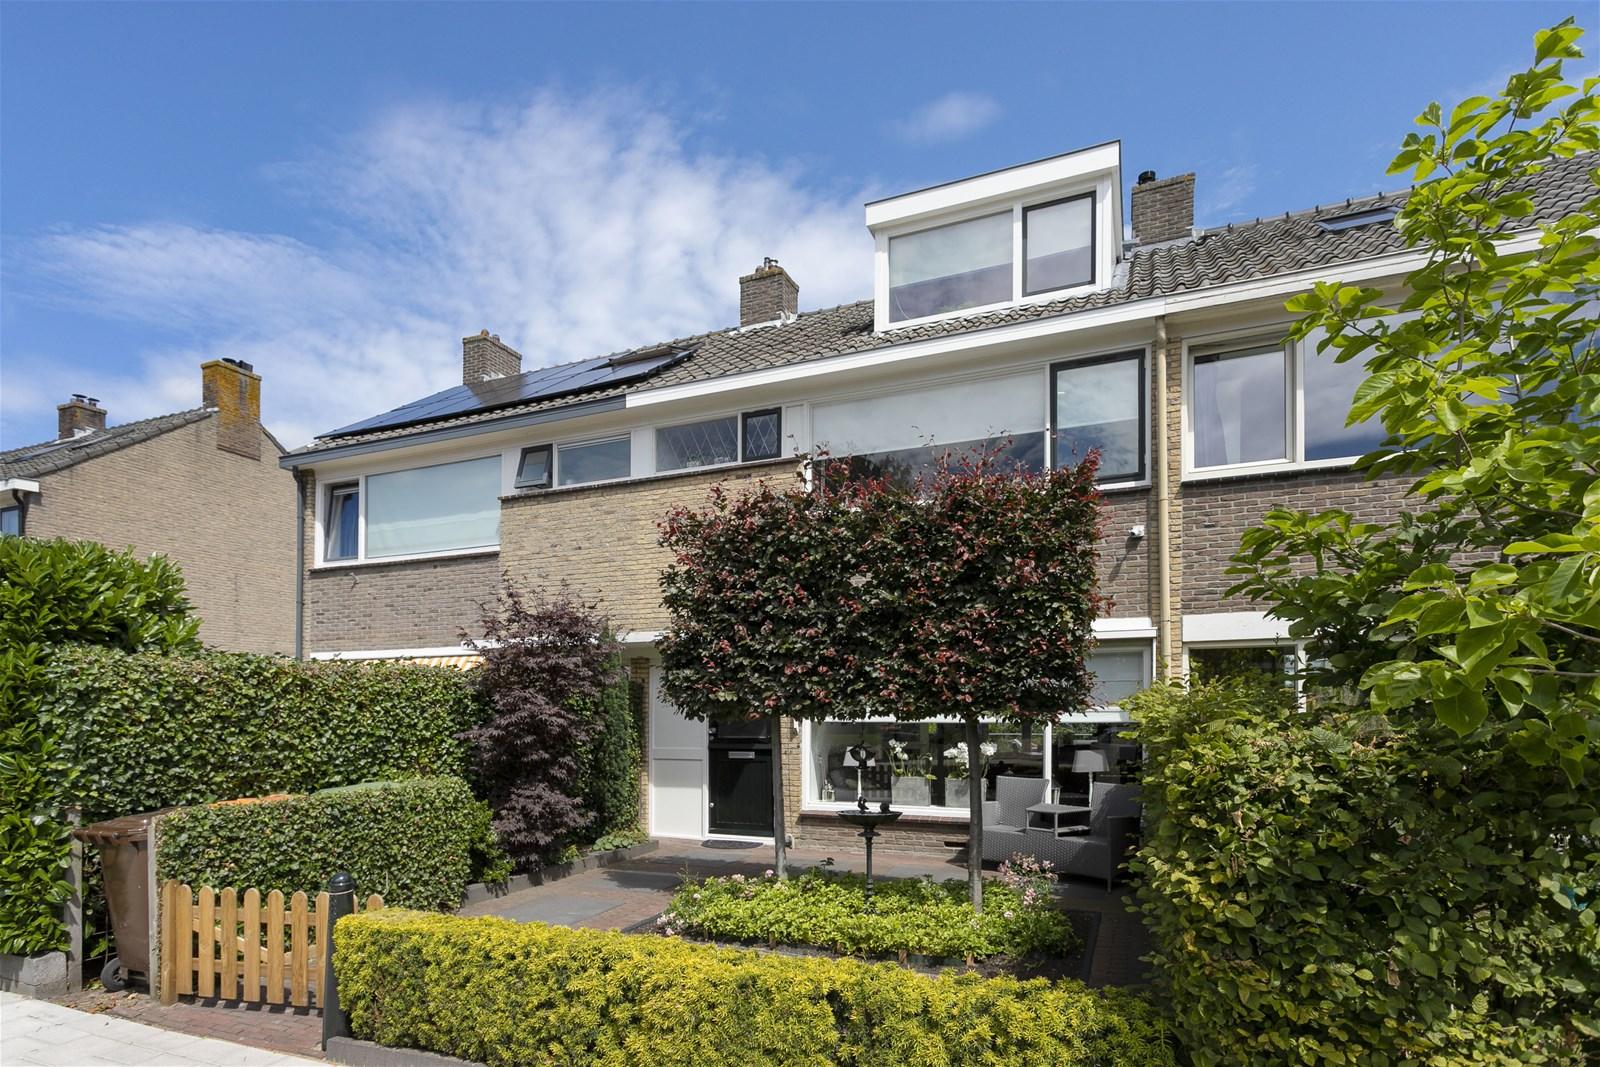 Beatrixlaan 42 Soest - Floor